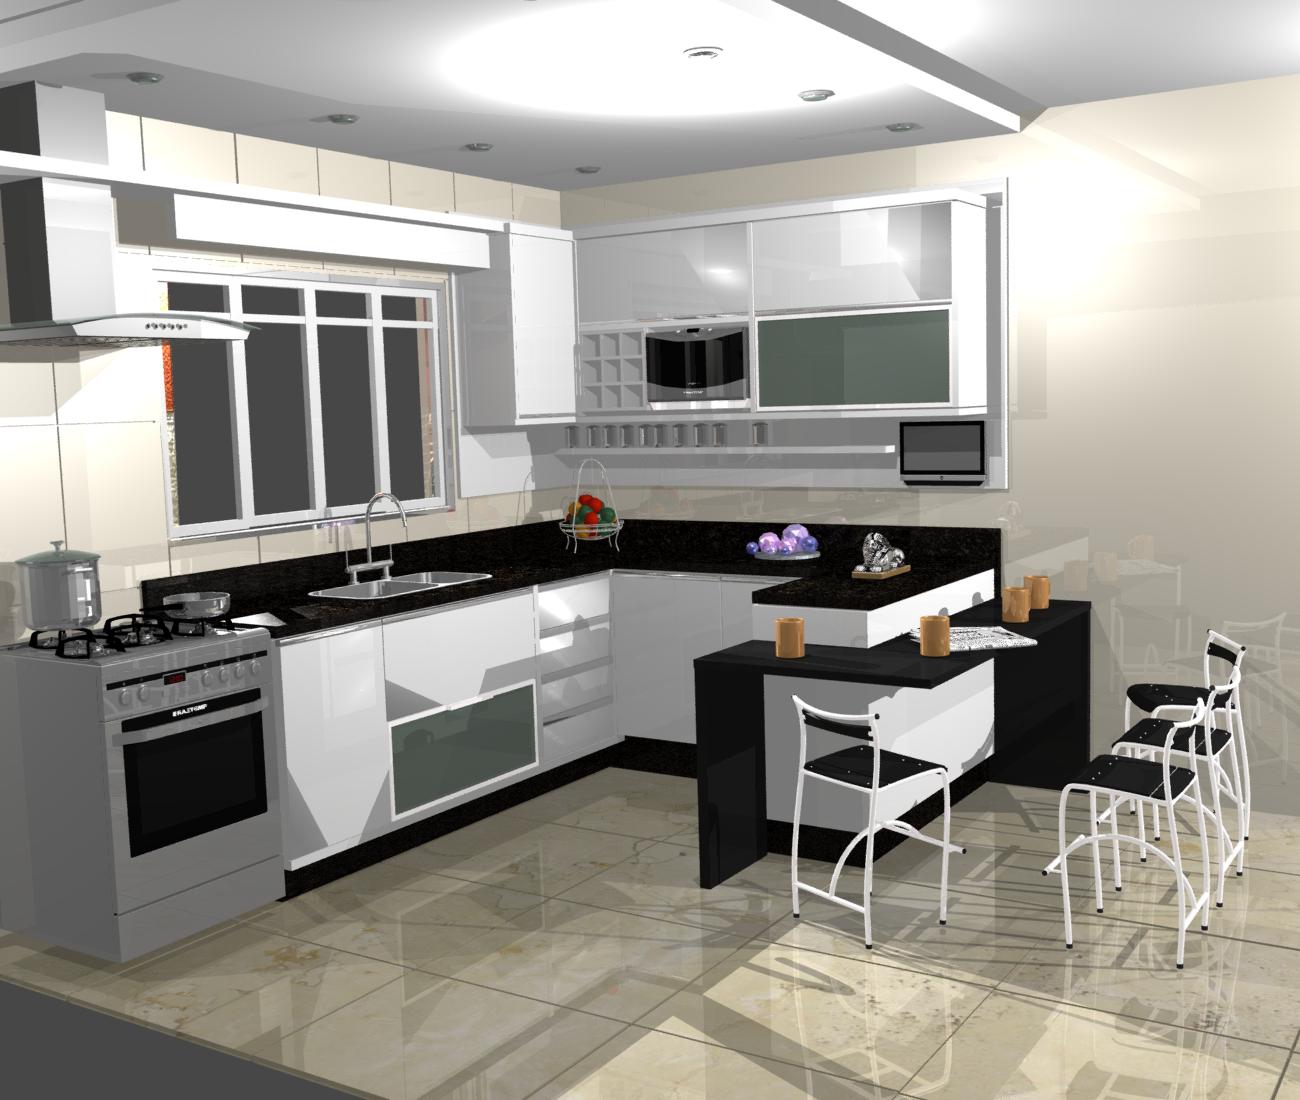 para cozinhas pias para cozinhas revestimento para cozinhas cozinhas #9C592F 1300 1100